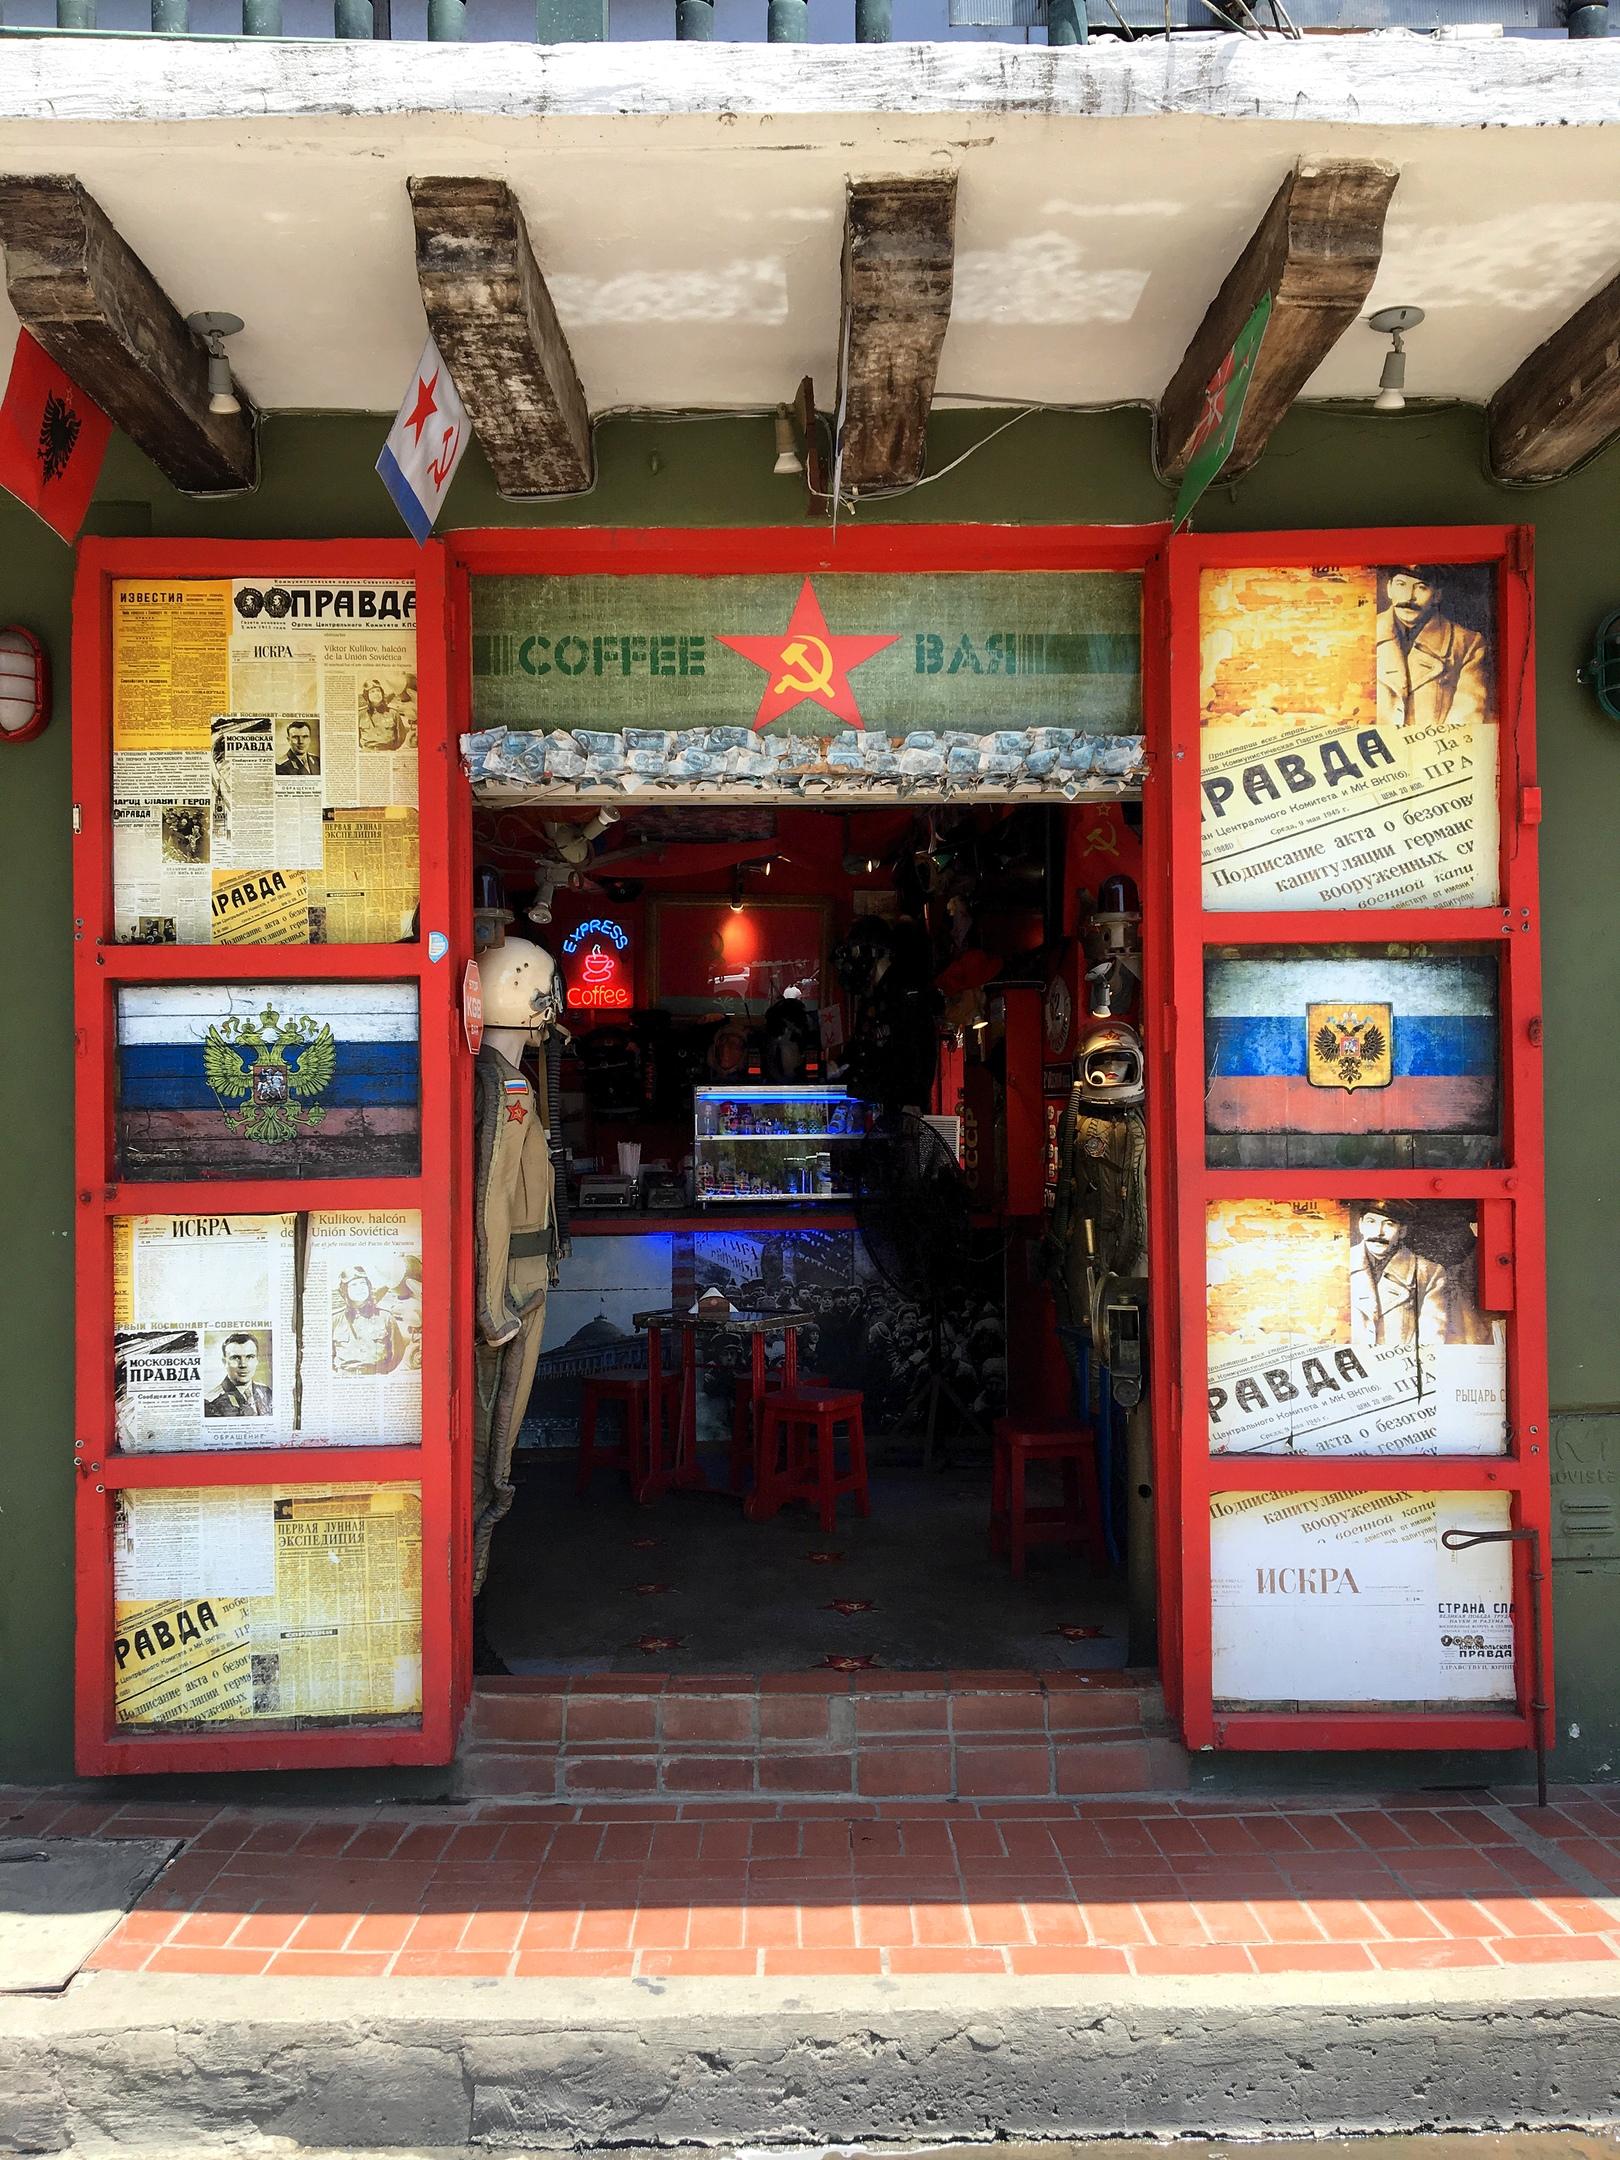 Бар КГБ. Картахена, Колумбия